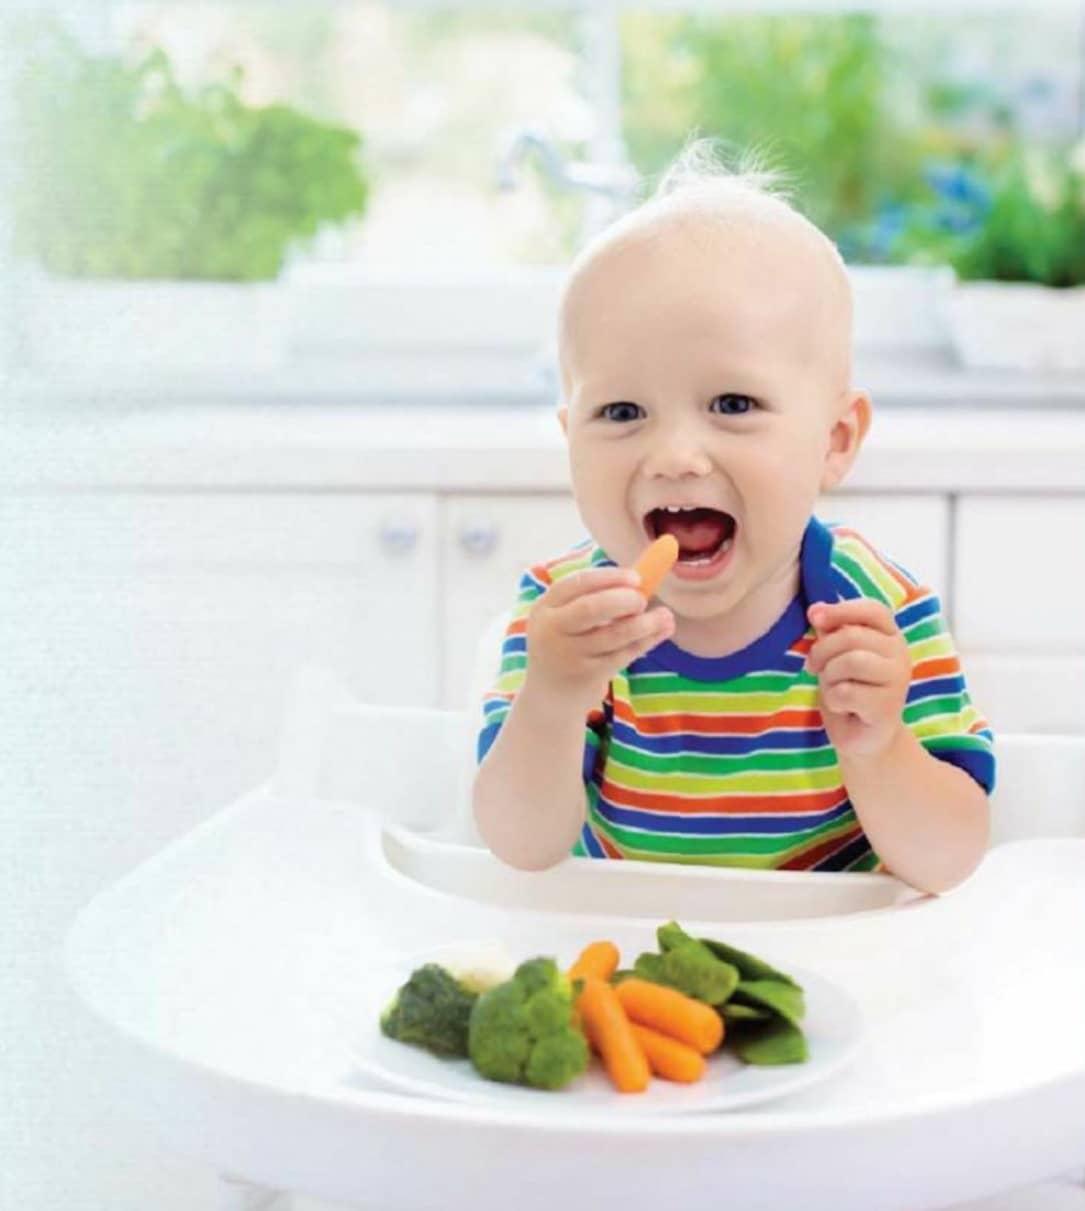 La importancia de la nutrición en los 1.000 primeros días de vida